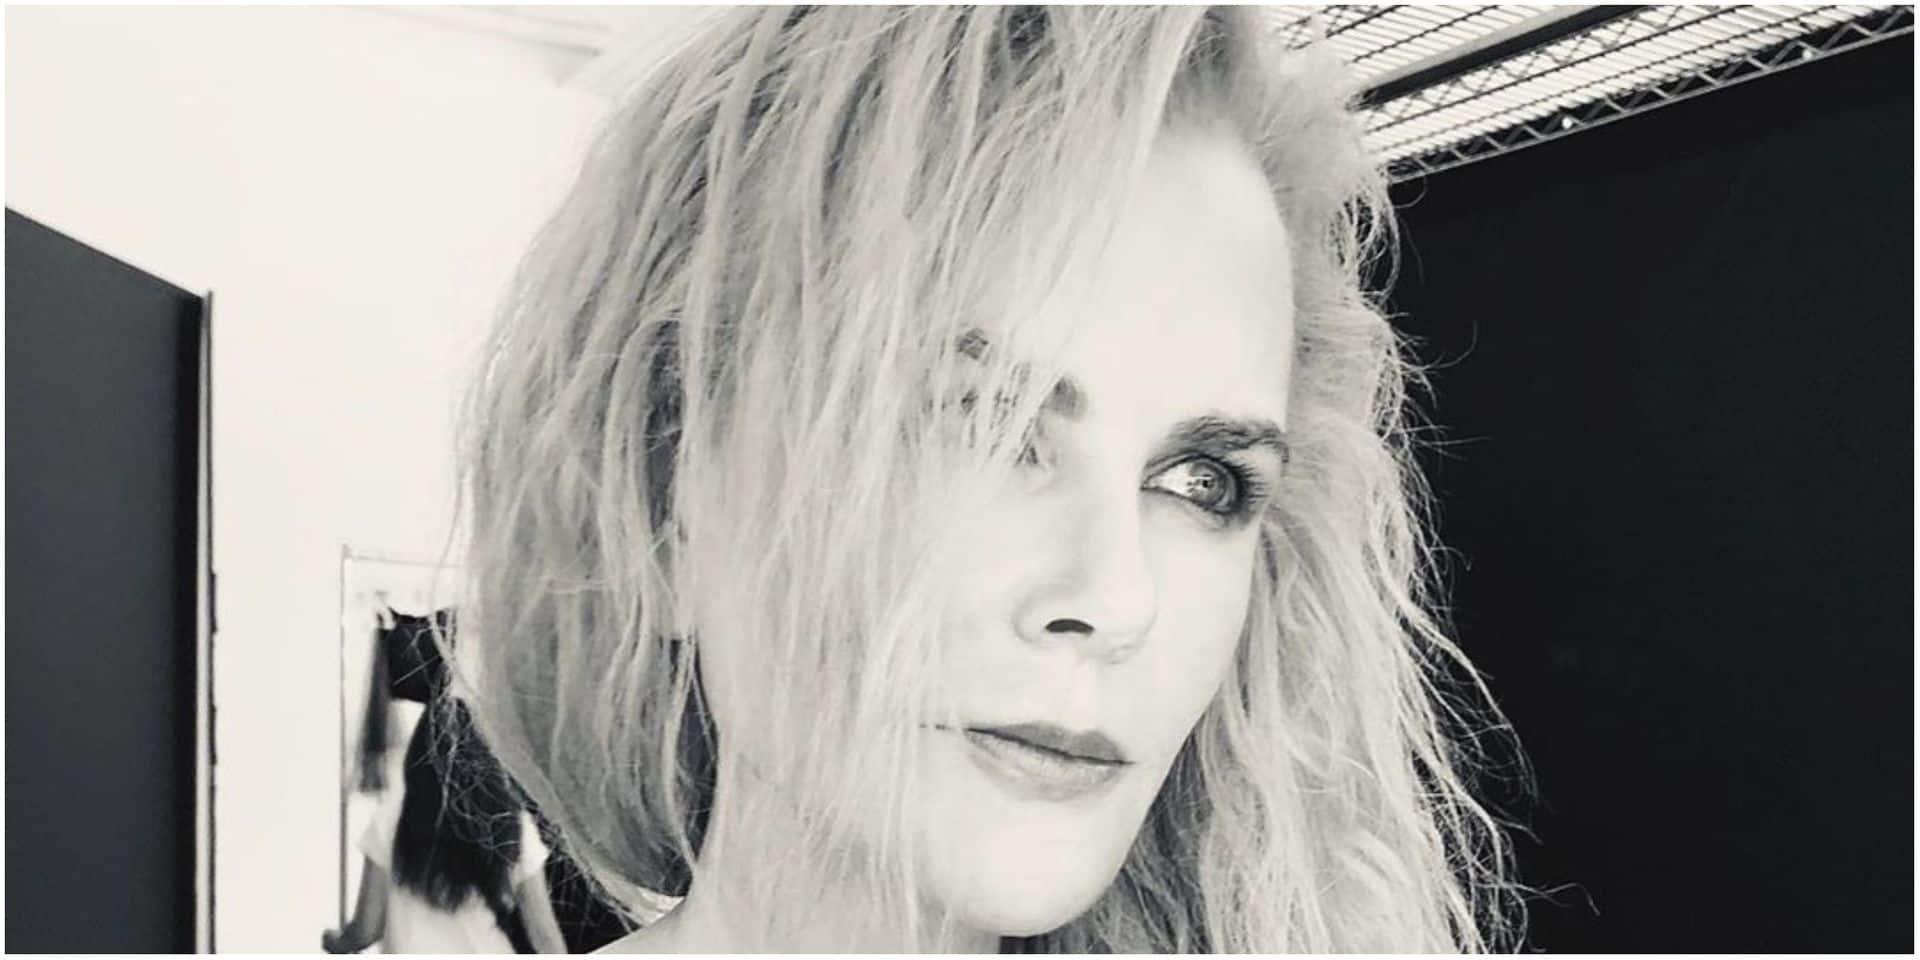 La maigreur de Nicole Kidman inquiète ses fans